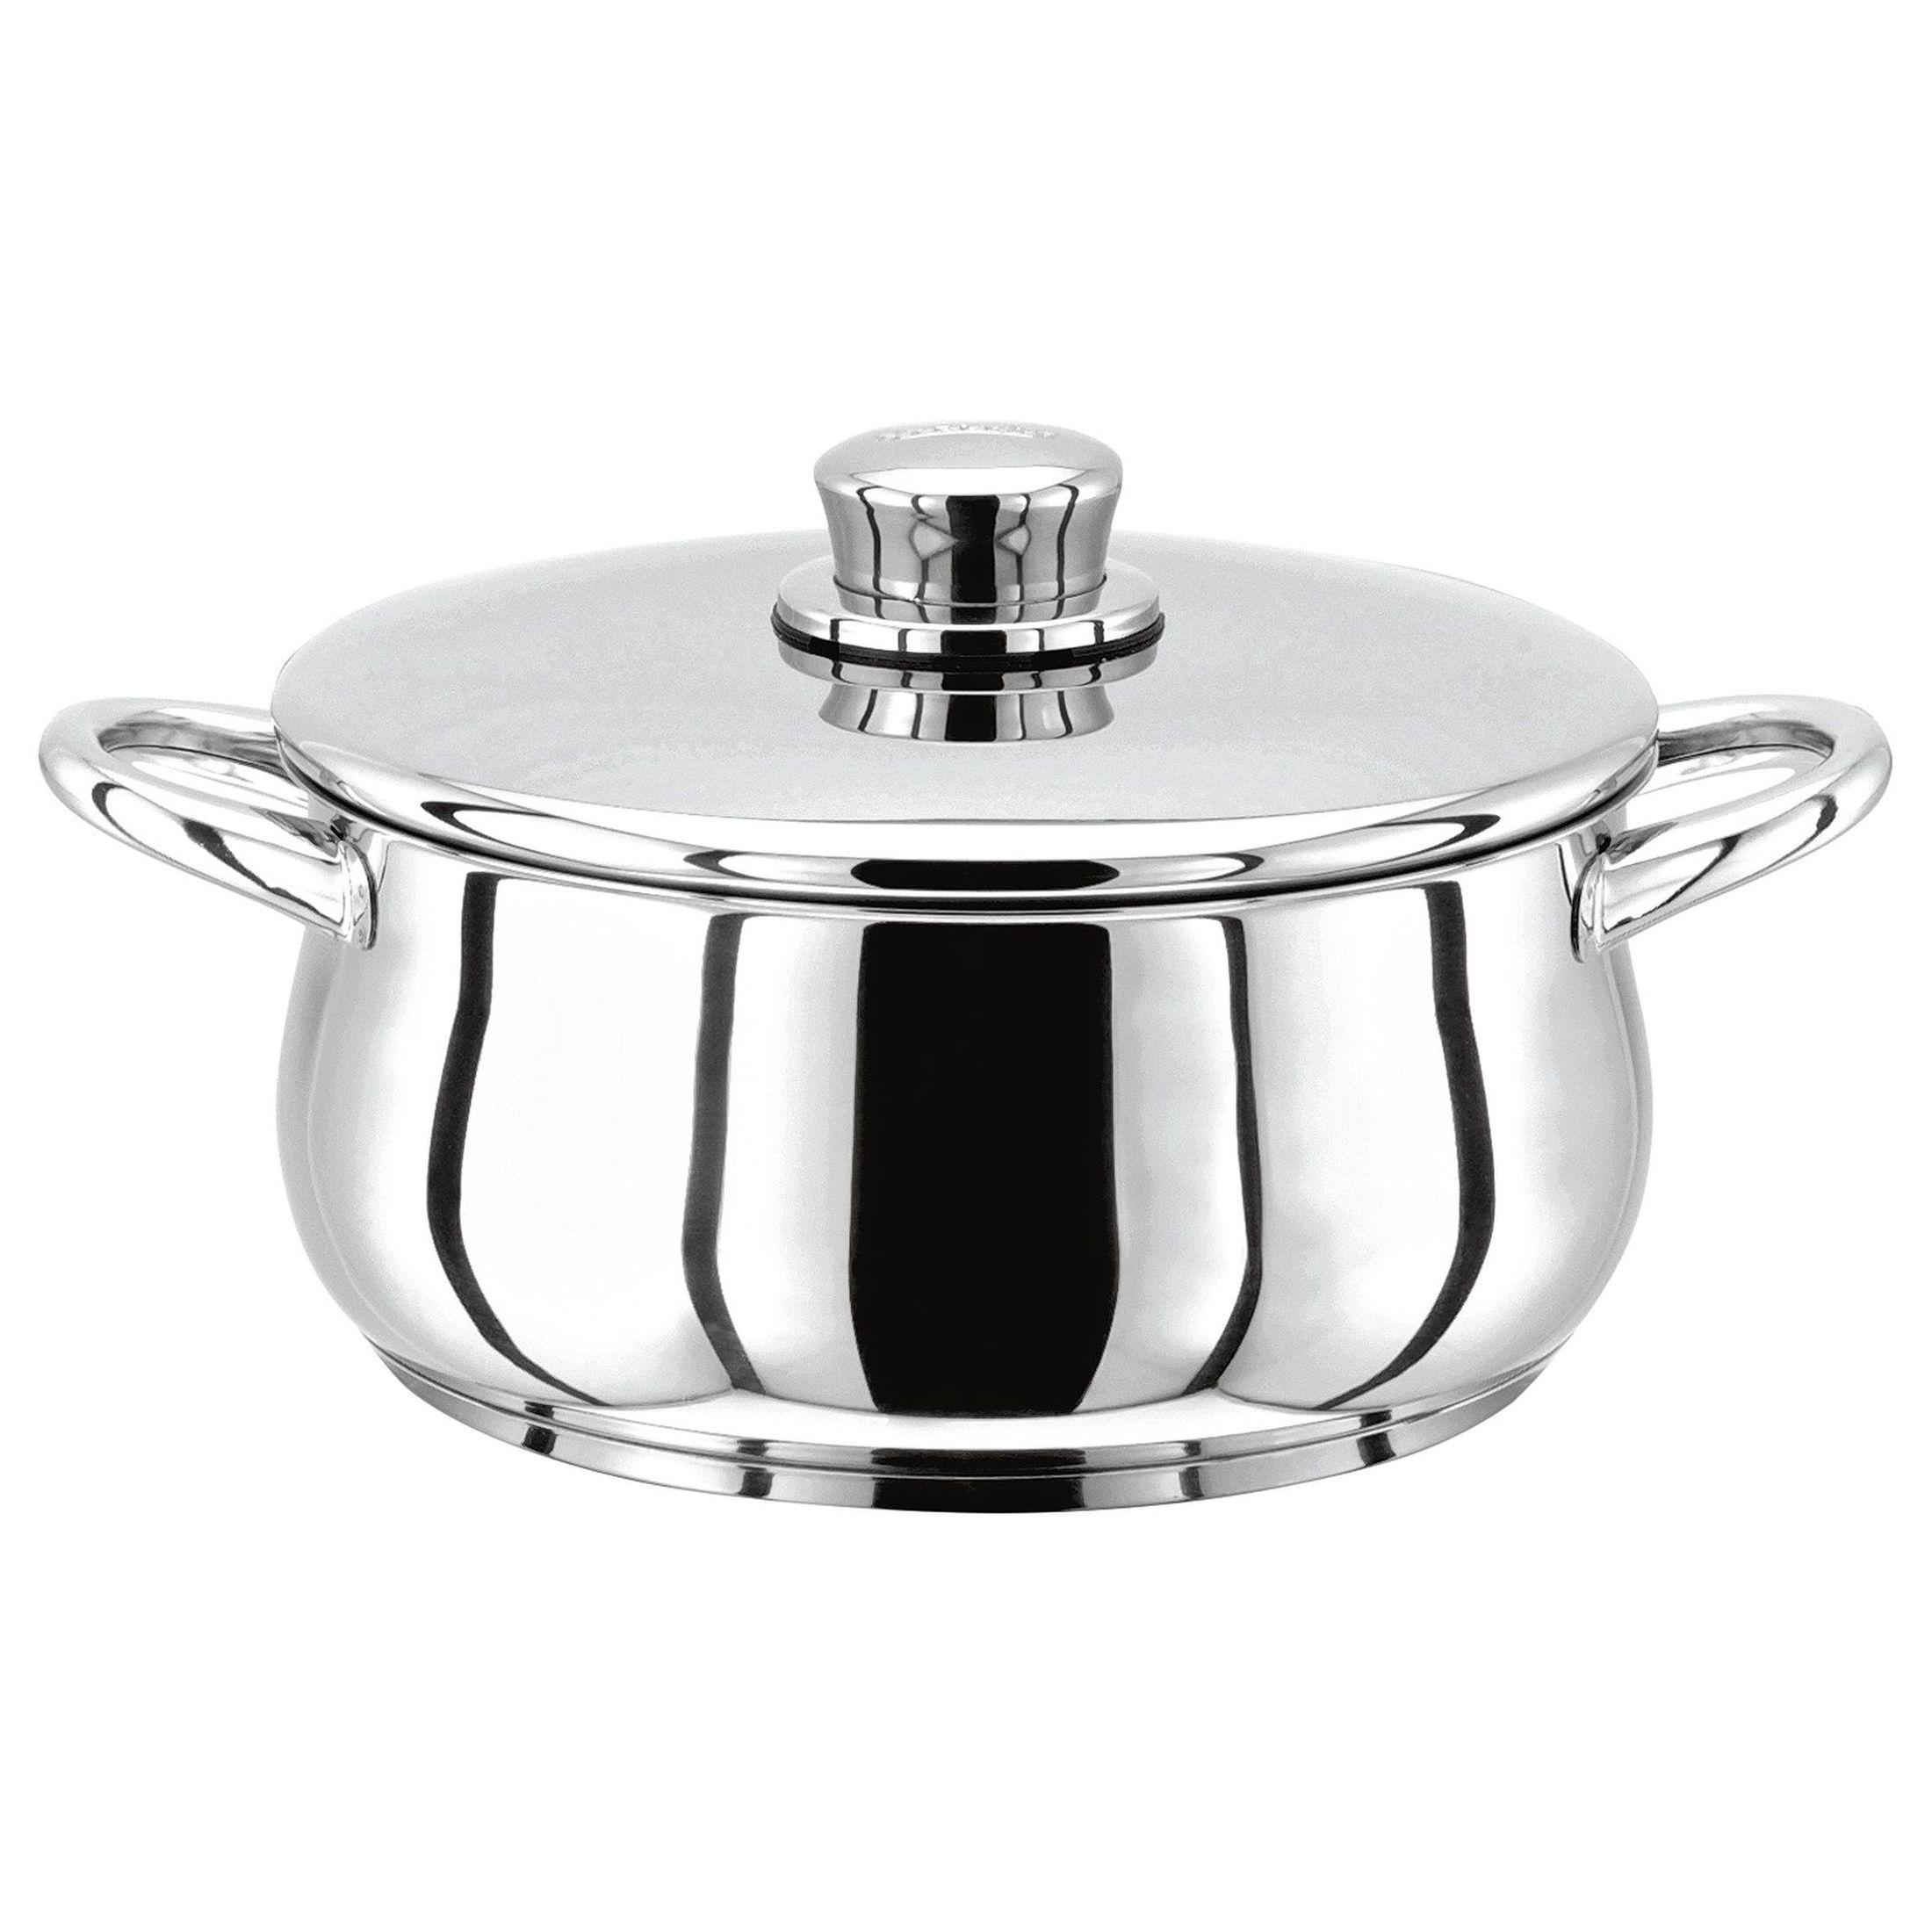 Stellar 1000 Кастрюля20 см, 2 лКлассическая английская форма посуды в сочетании с непревзойденным европейским качеством. Дно посуды изготовлено методом горячей ковки, что гарантирует равномерное распределение тепла на всех типах варочных панелей. Хромированная нержавеющая сталь.  Пригодны для использования в духовке (до 240 гр. С).<br>